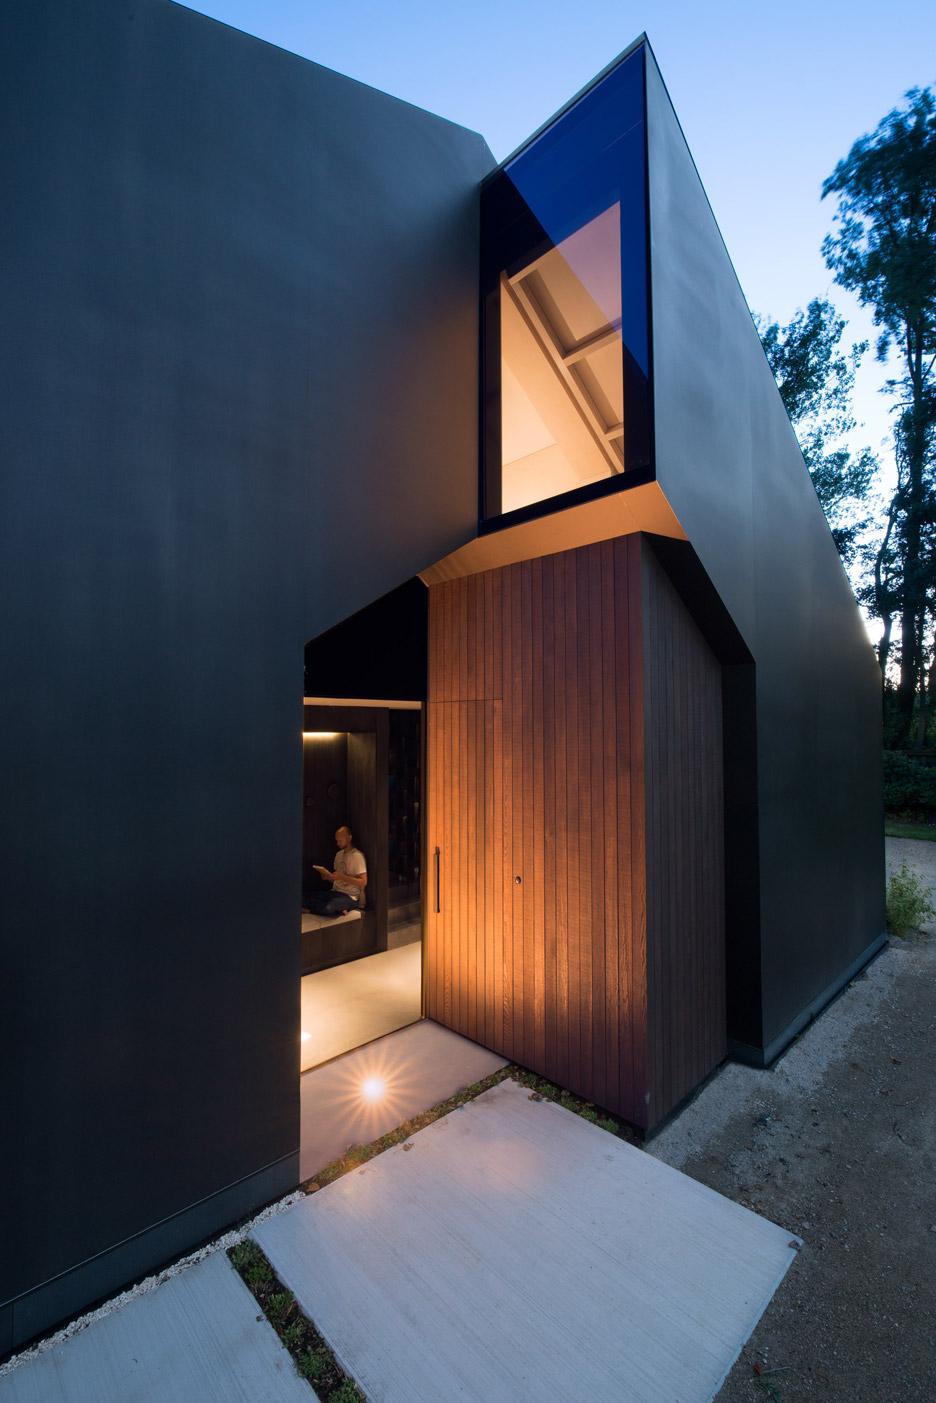 Villa Schoorl by Studio Prototype